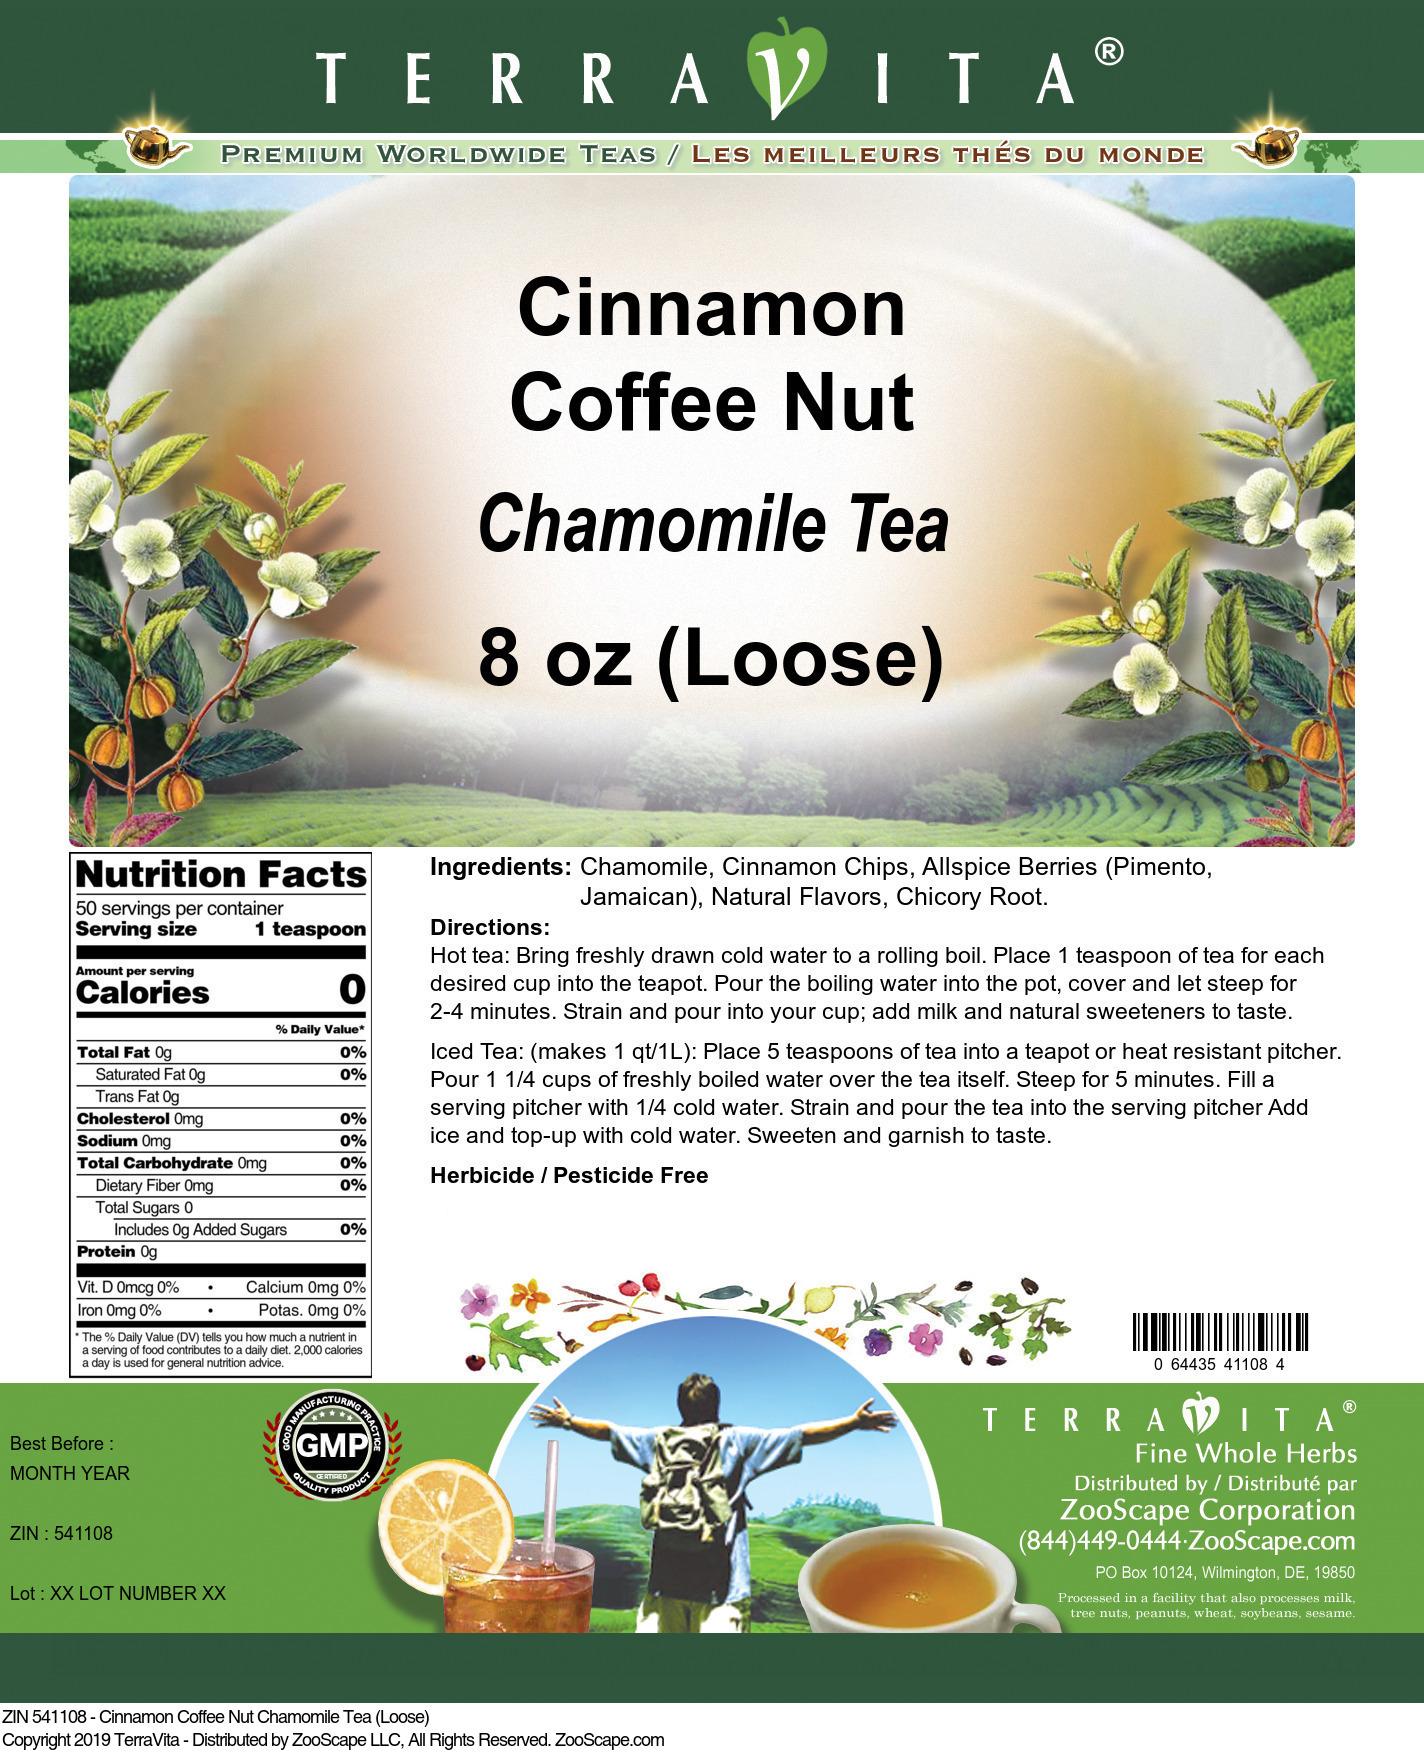 Cinnamon Coffee Nut Chamomile Tea (Loose)